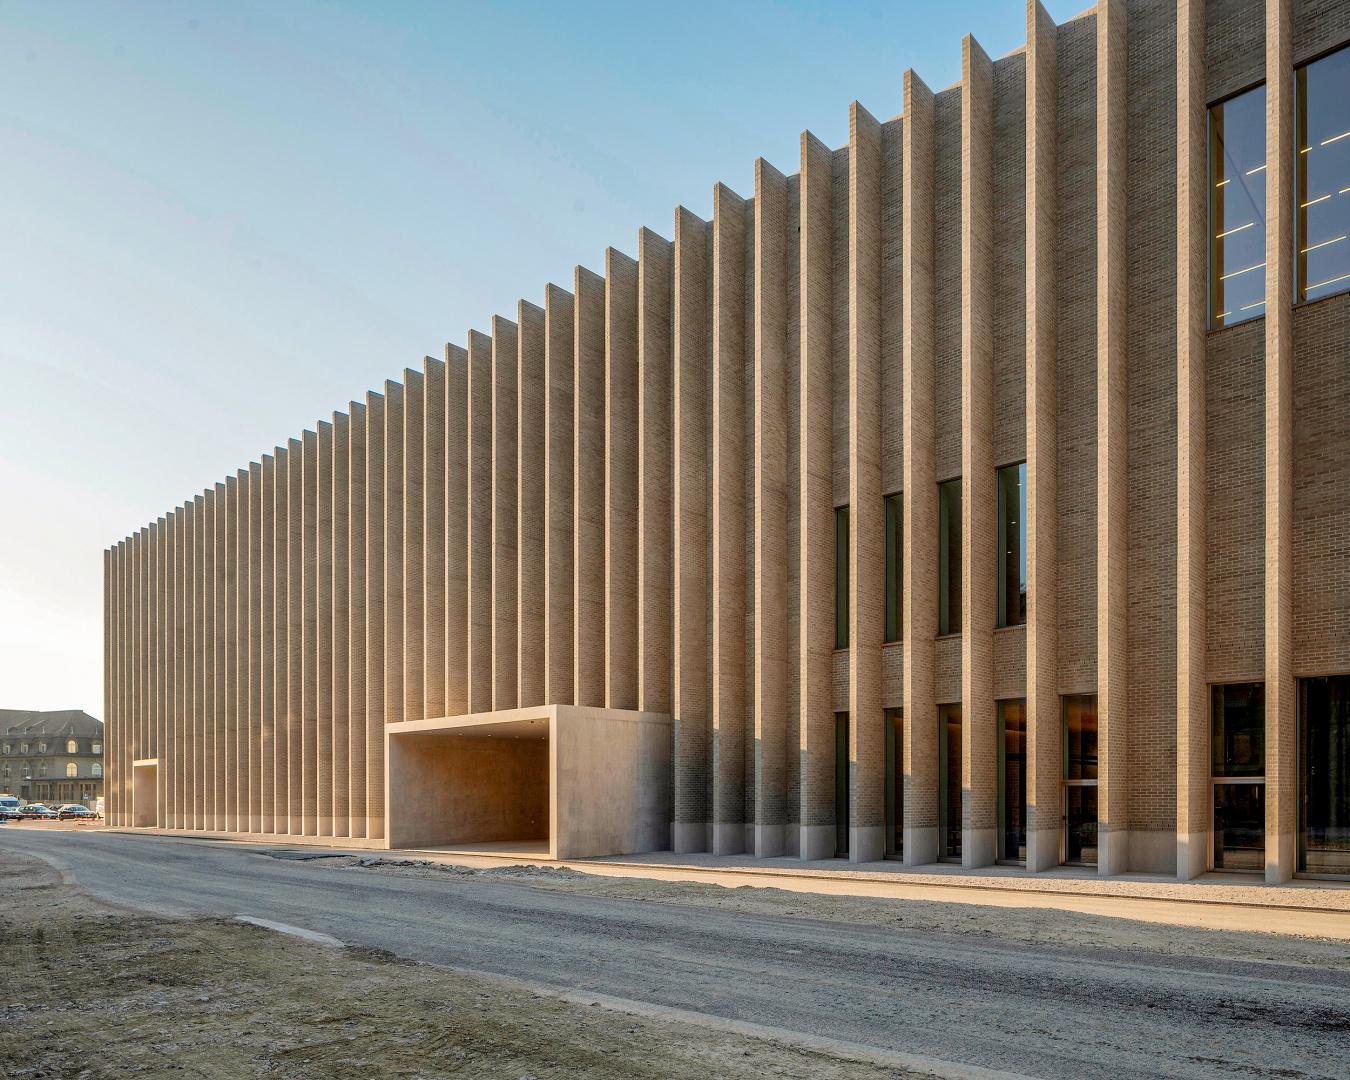 Die Fassade wird durch sich wiederholende vertikale Elemente «belebt». Durch die Wahl dieses Layouts wird die Massivität des Gebäudes gebrochen. © Matthieu Gafsou